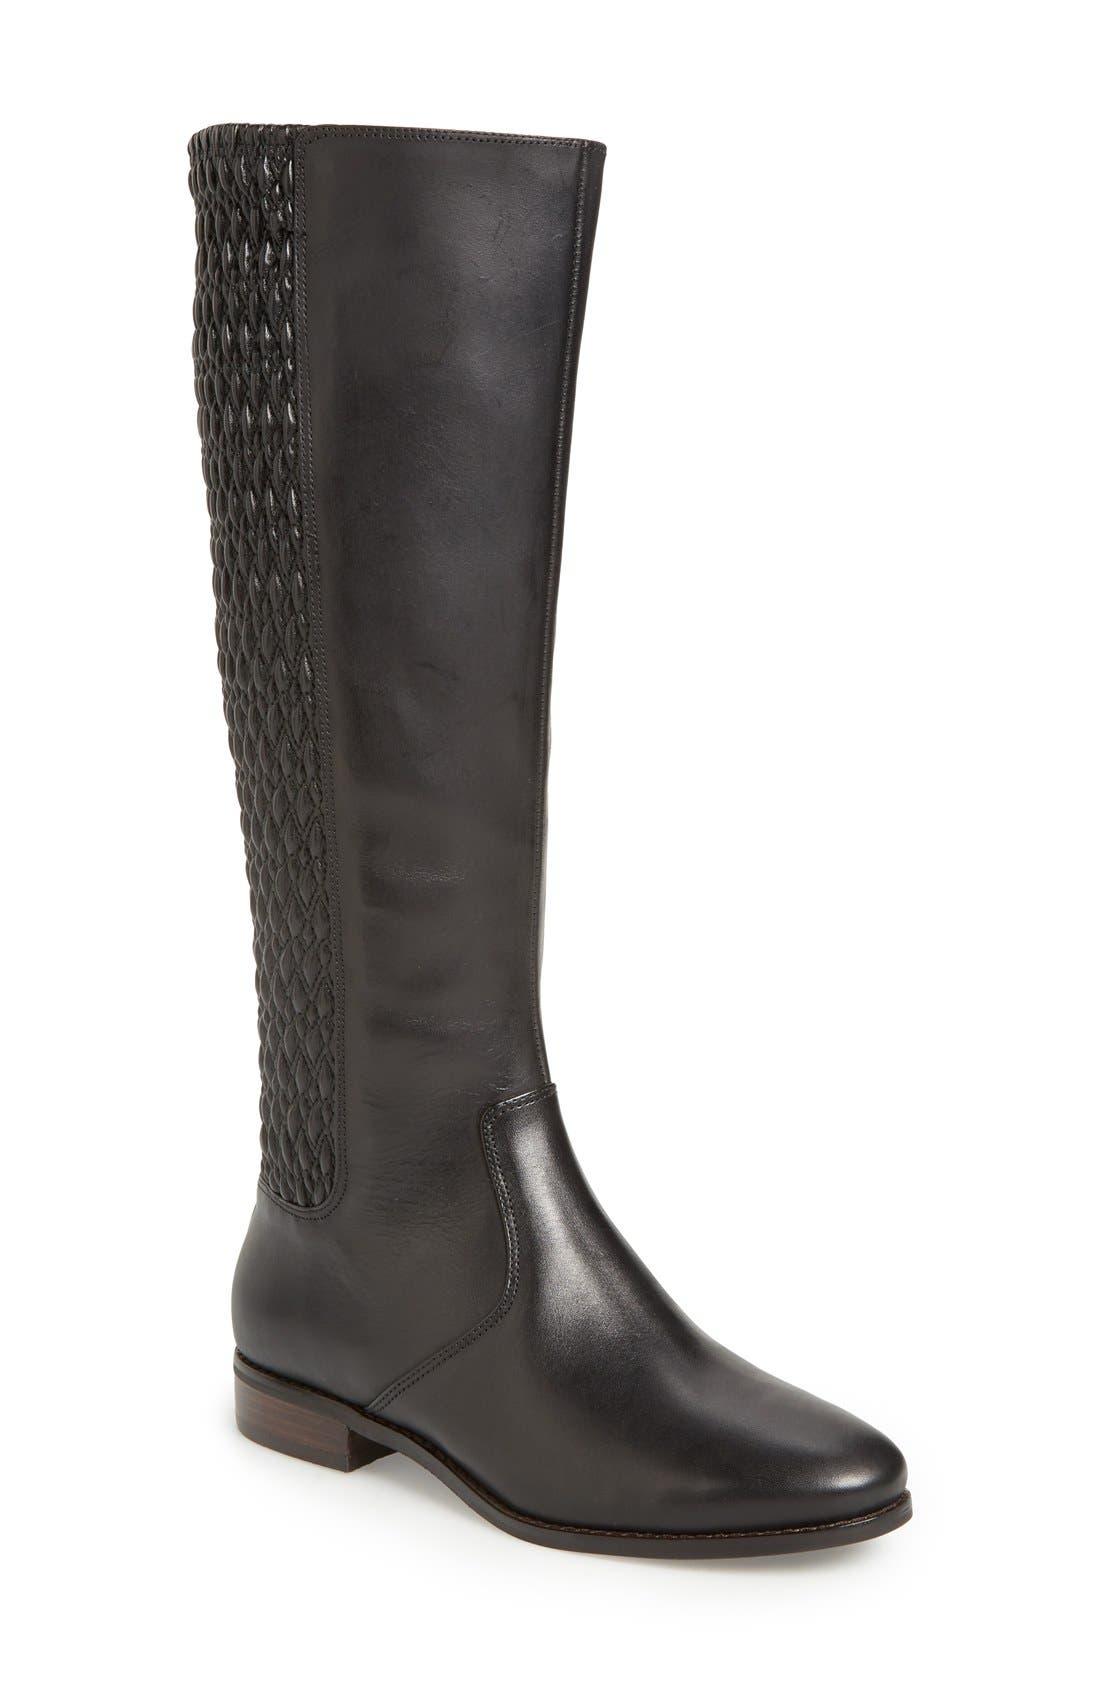 Alternate Image 1 Selected - Cole Haan 'Elverton' Knee High Boot (Women)